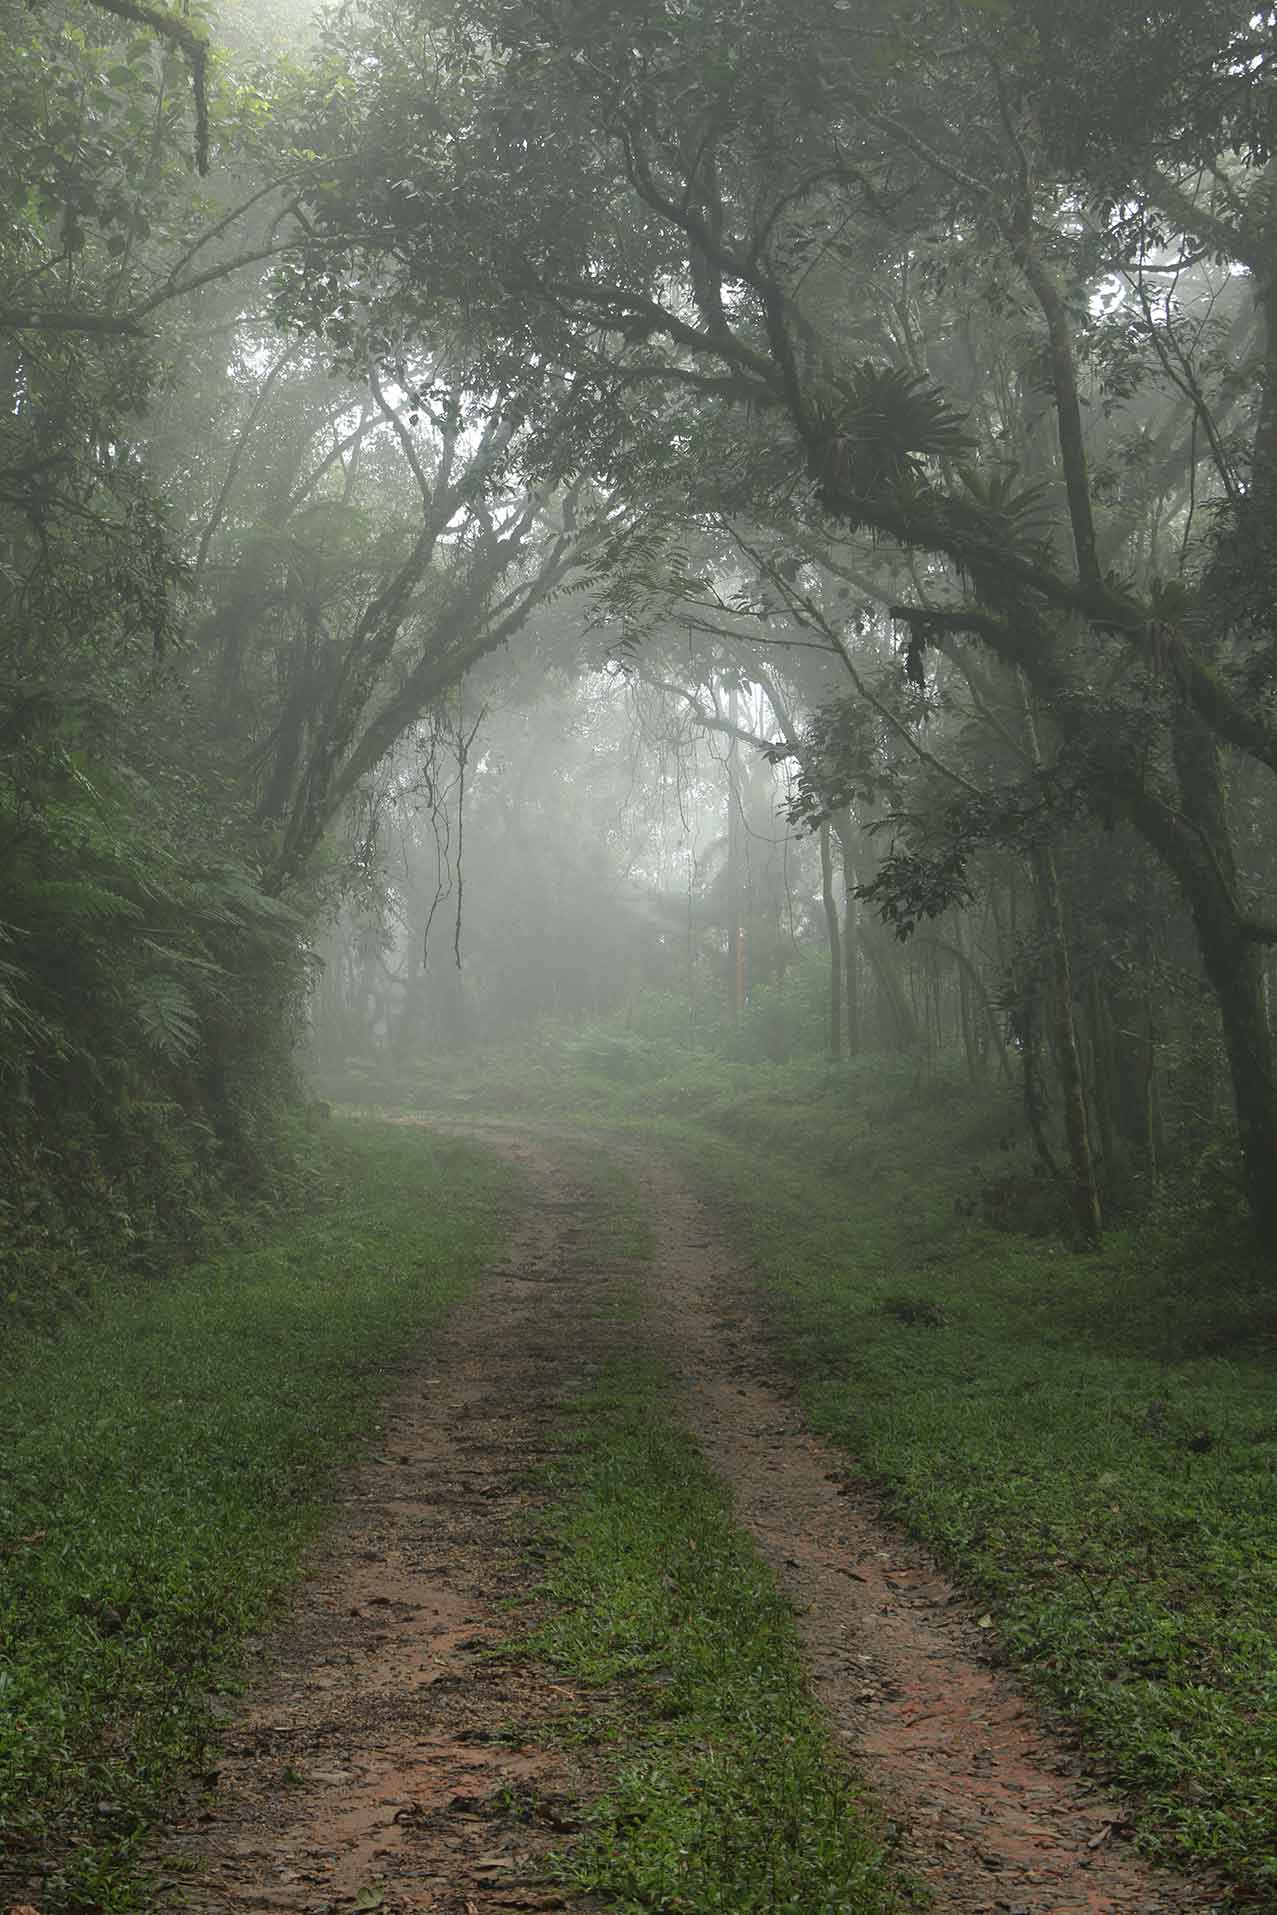 Marcio-Masulino-Extrema -Serra-do-Lopo-caminhos-IMG_5799-bx